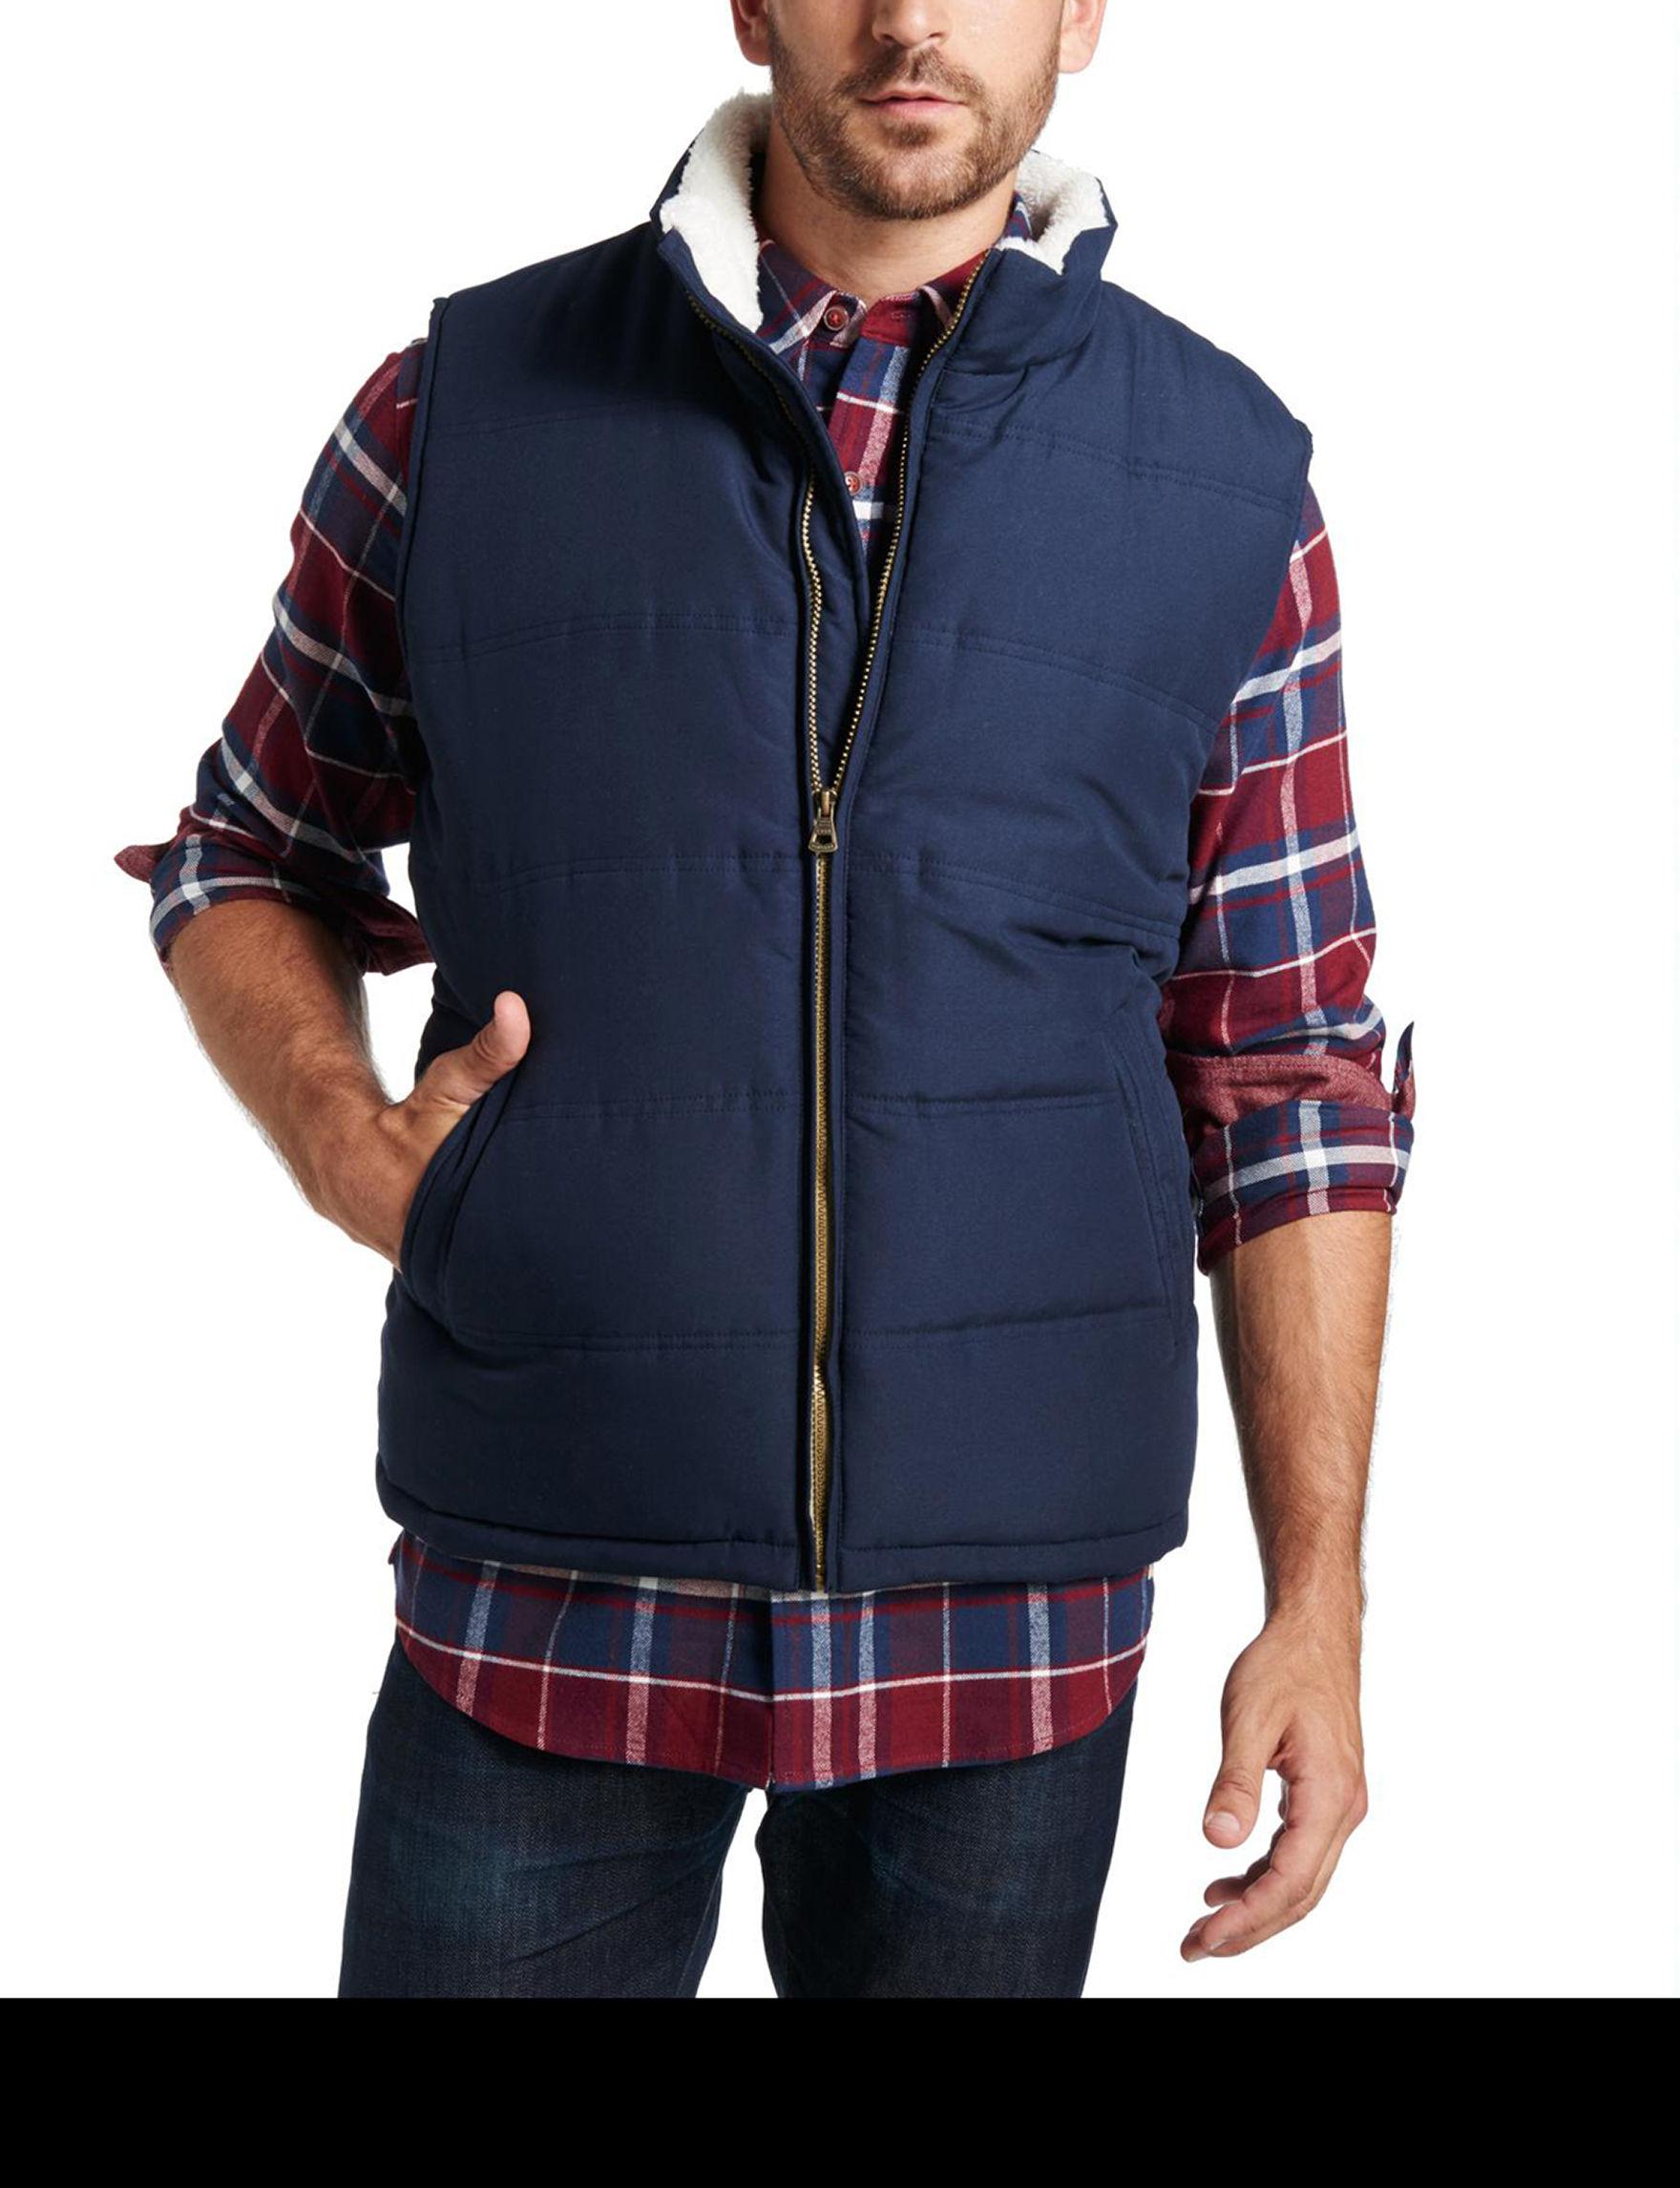 Weatherproof Navy Vests